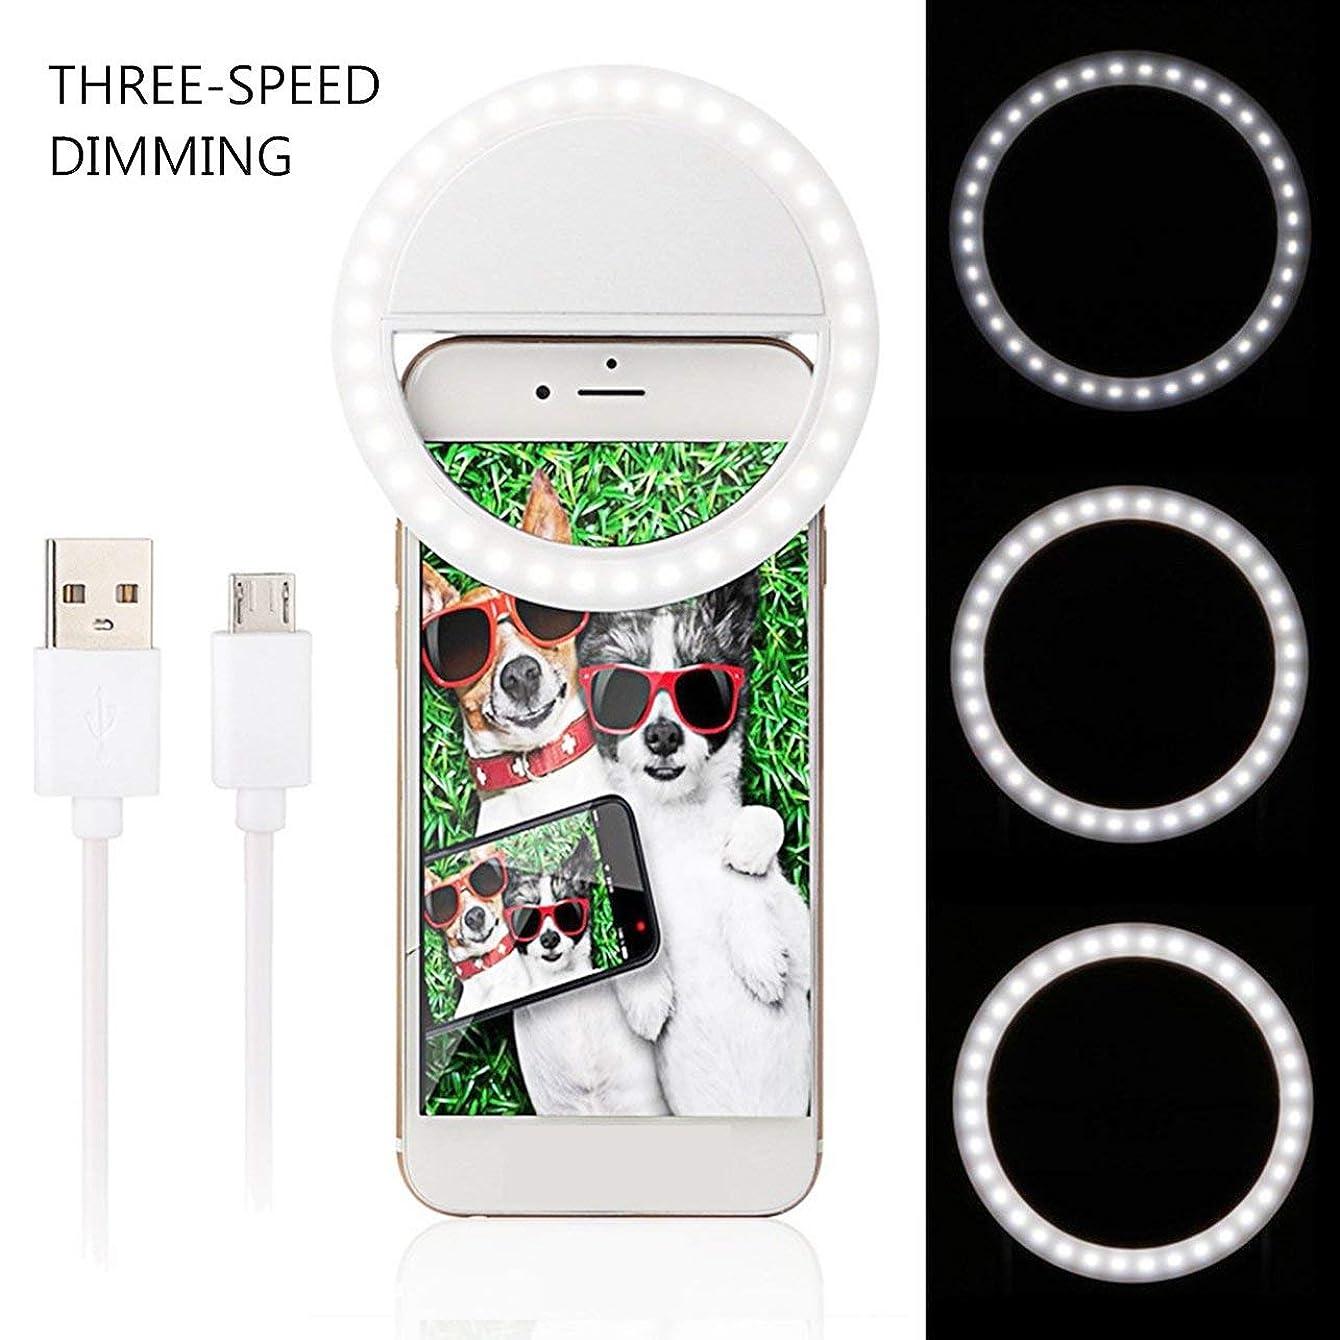 医師異形過敏なDeeploveUU Fill-inライティングポータブルLED Selfie円環ライトランプクリップオンスマートフォンフラッシュライトカメラ付き携帯電話Selfieライト